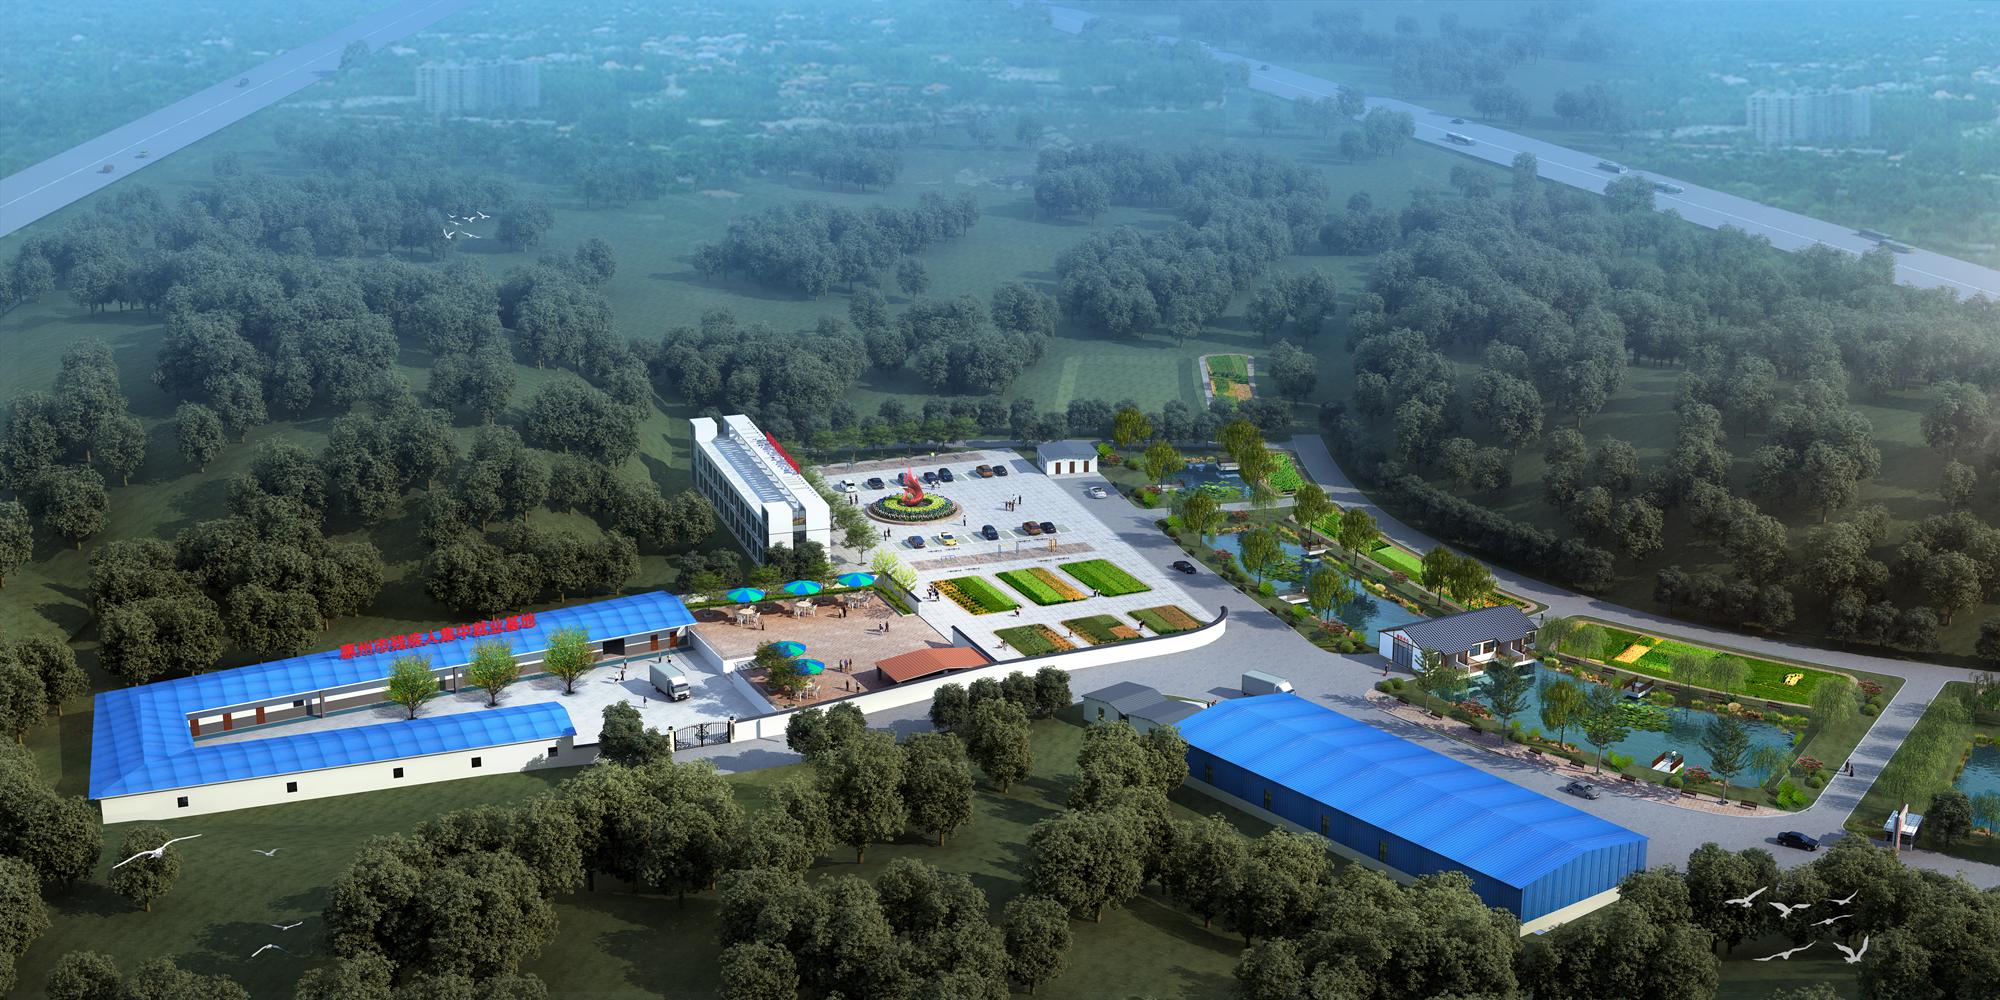 惠州就业基地产业园-2019-3-13_副本